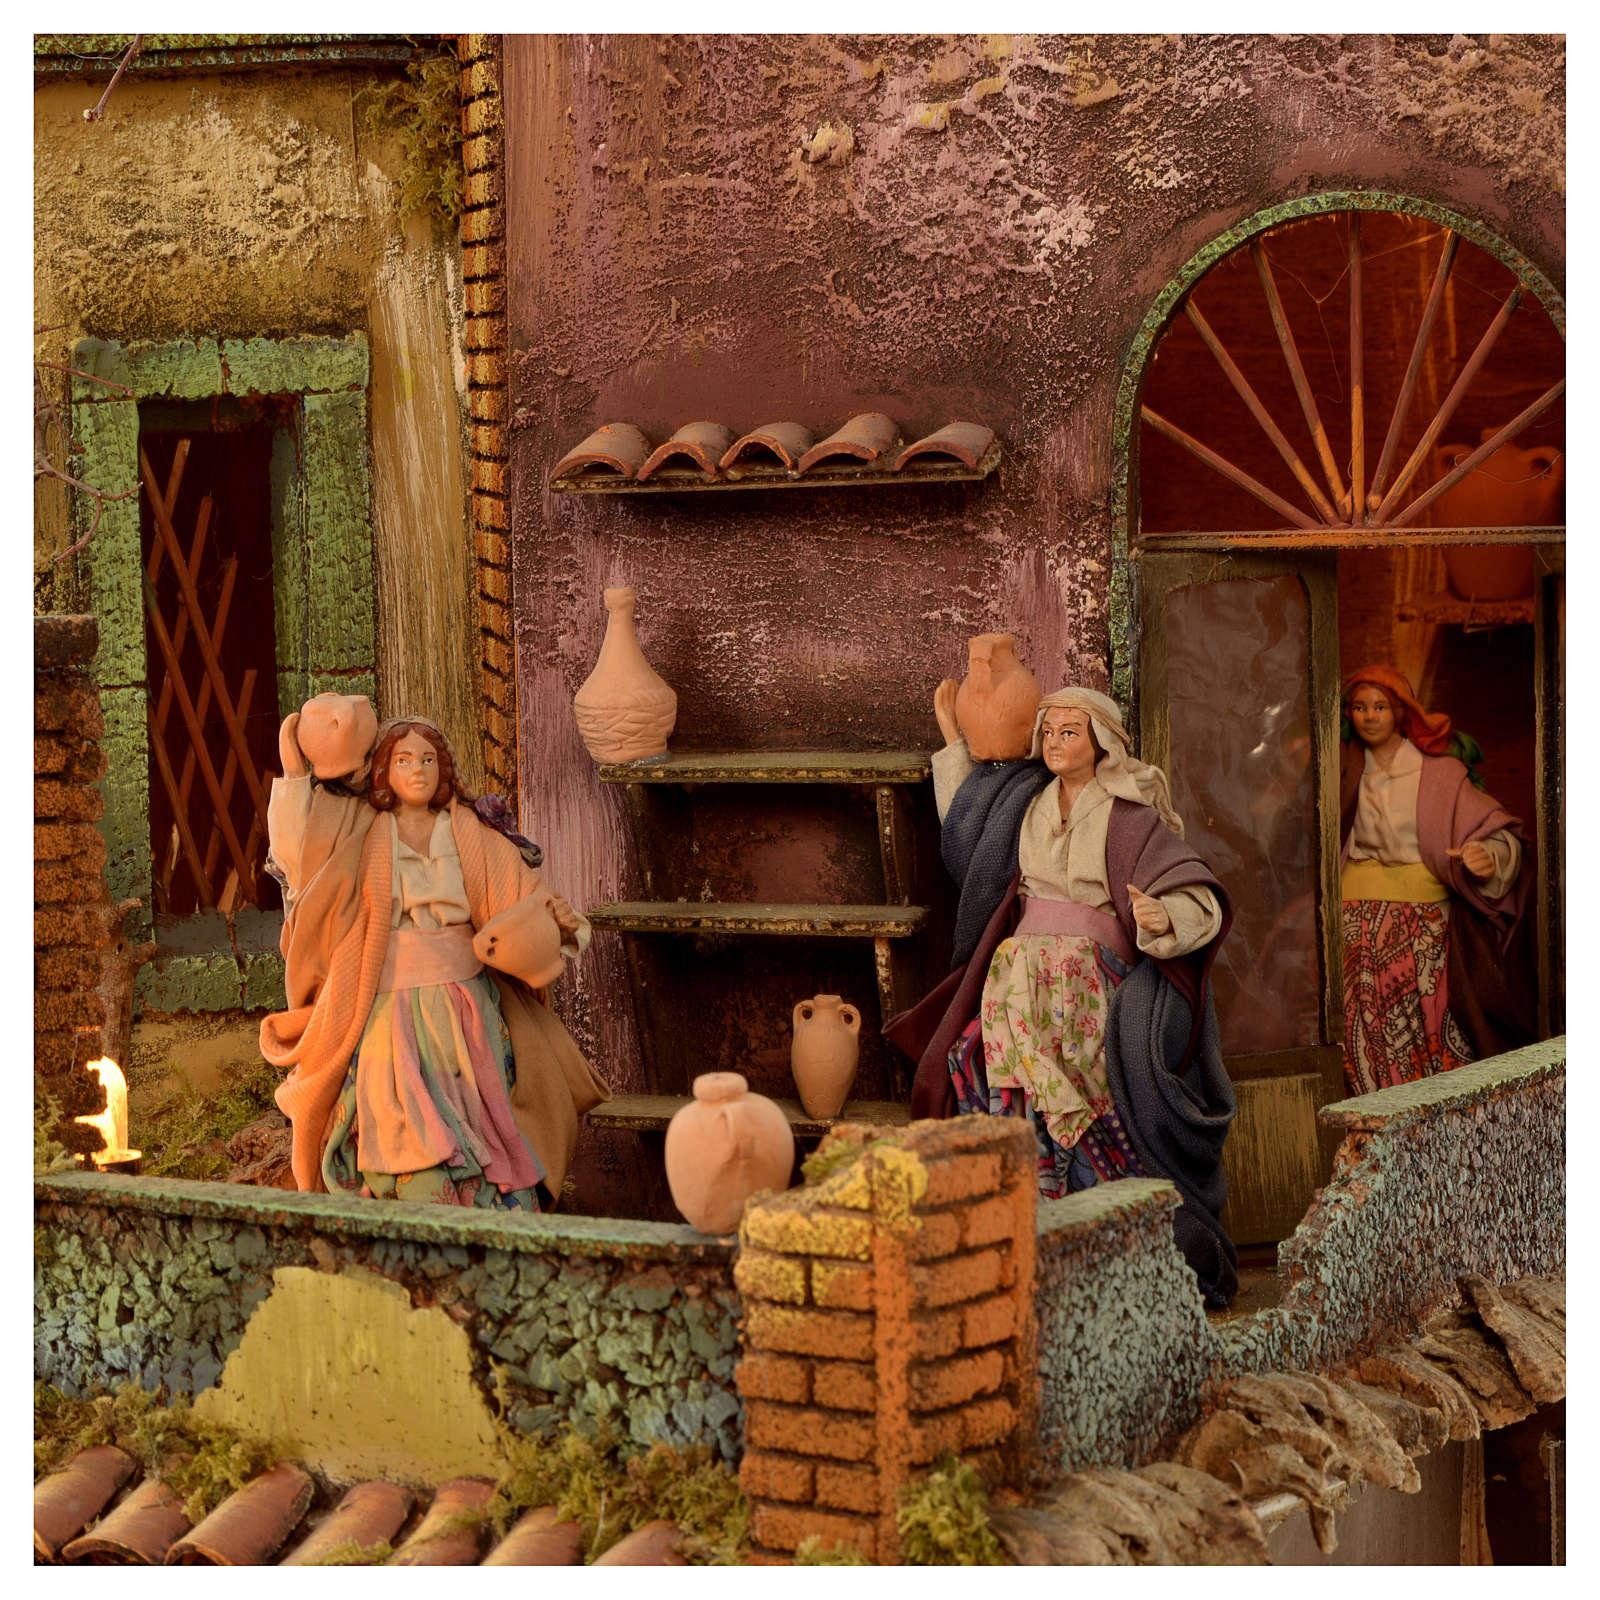 Borgo presepe Napoli mod. A 120X100X100 cm fontana osteria 26 pastori 2 mov - 14 cm 4